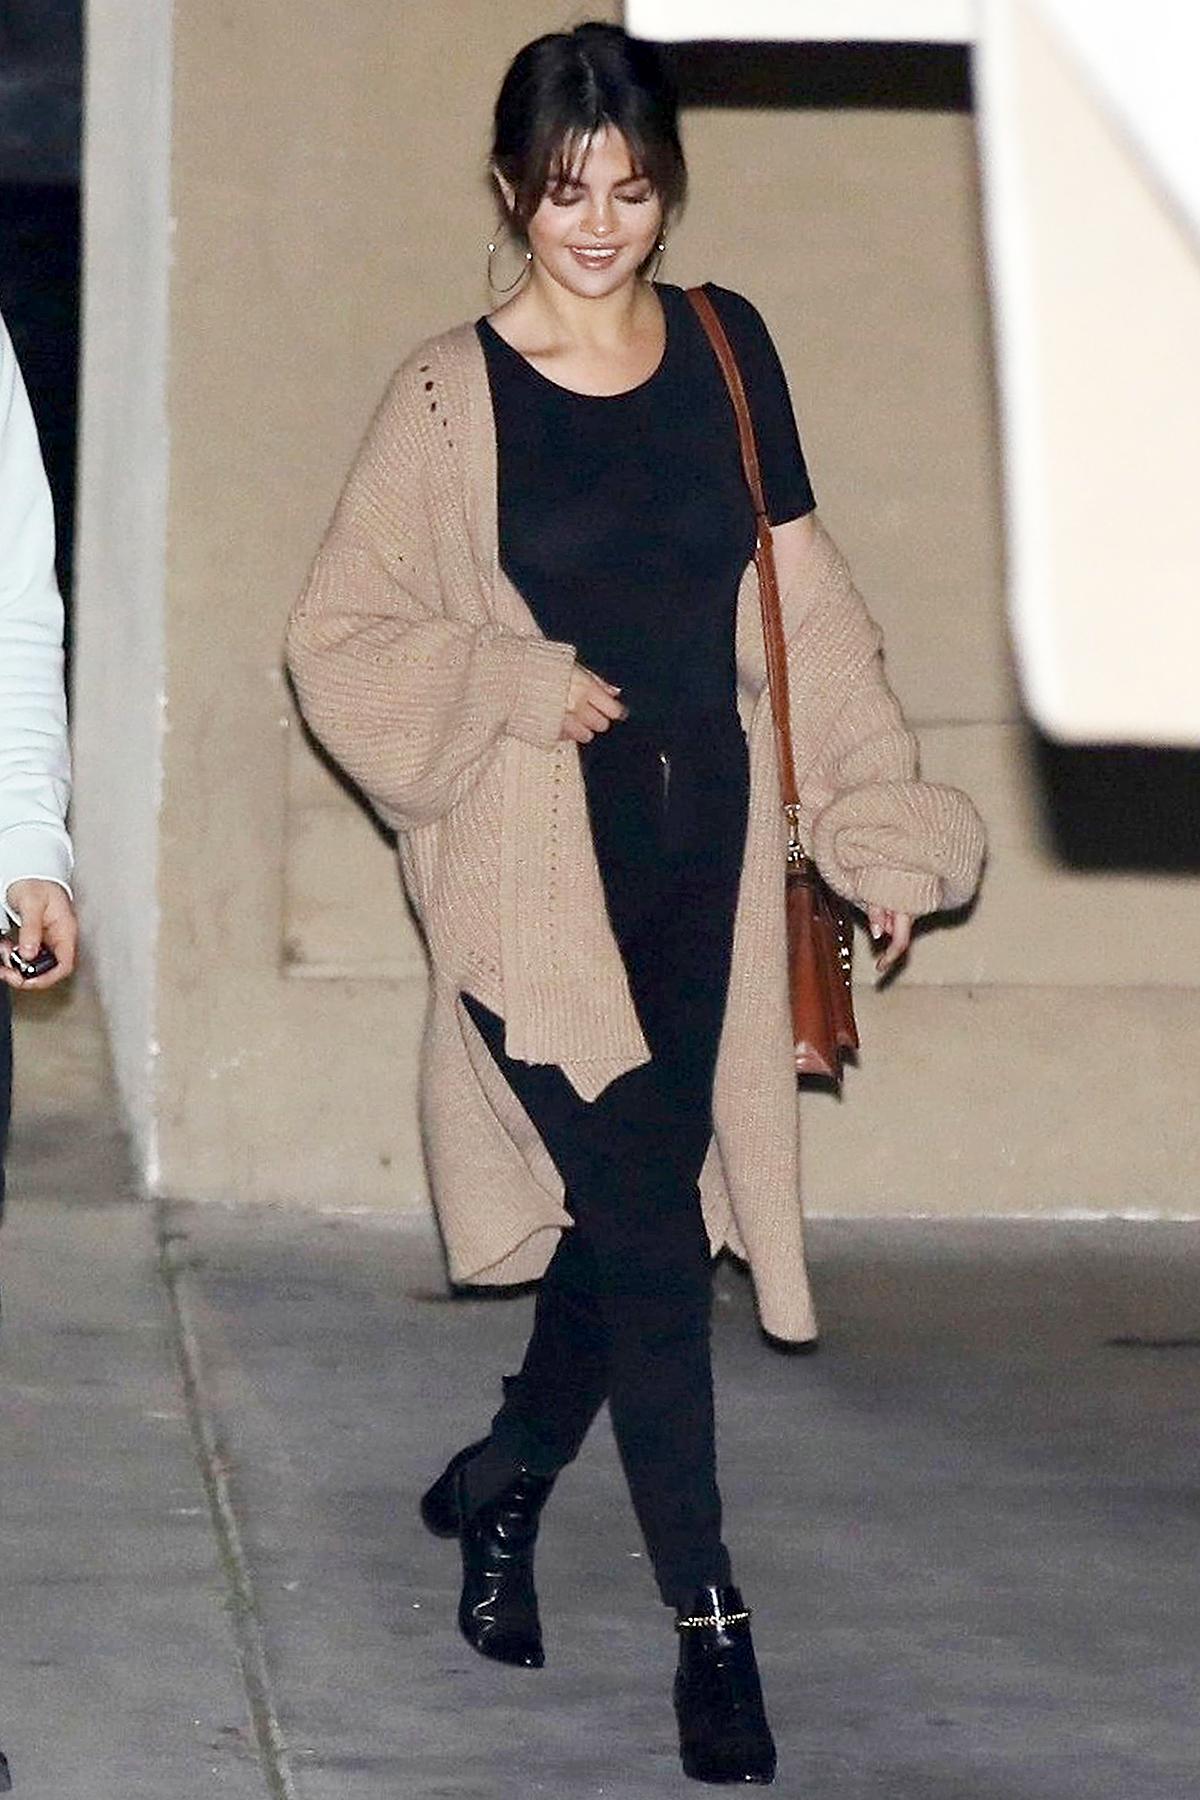 Selena Gomez vừa cấp cứu 2 lần vì suy sụp tâm lý, đang nằm ở một bệnh viện tâm thần